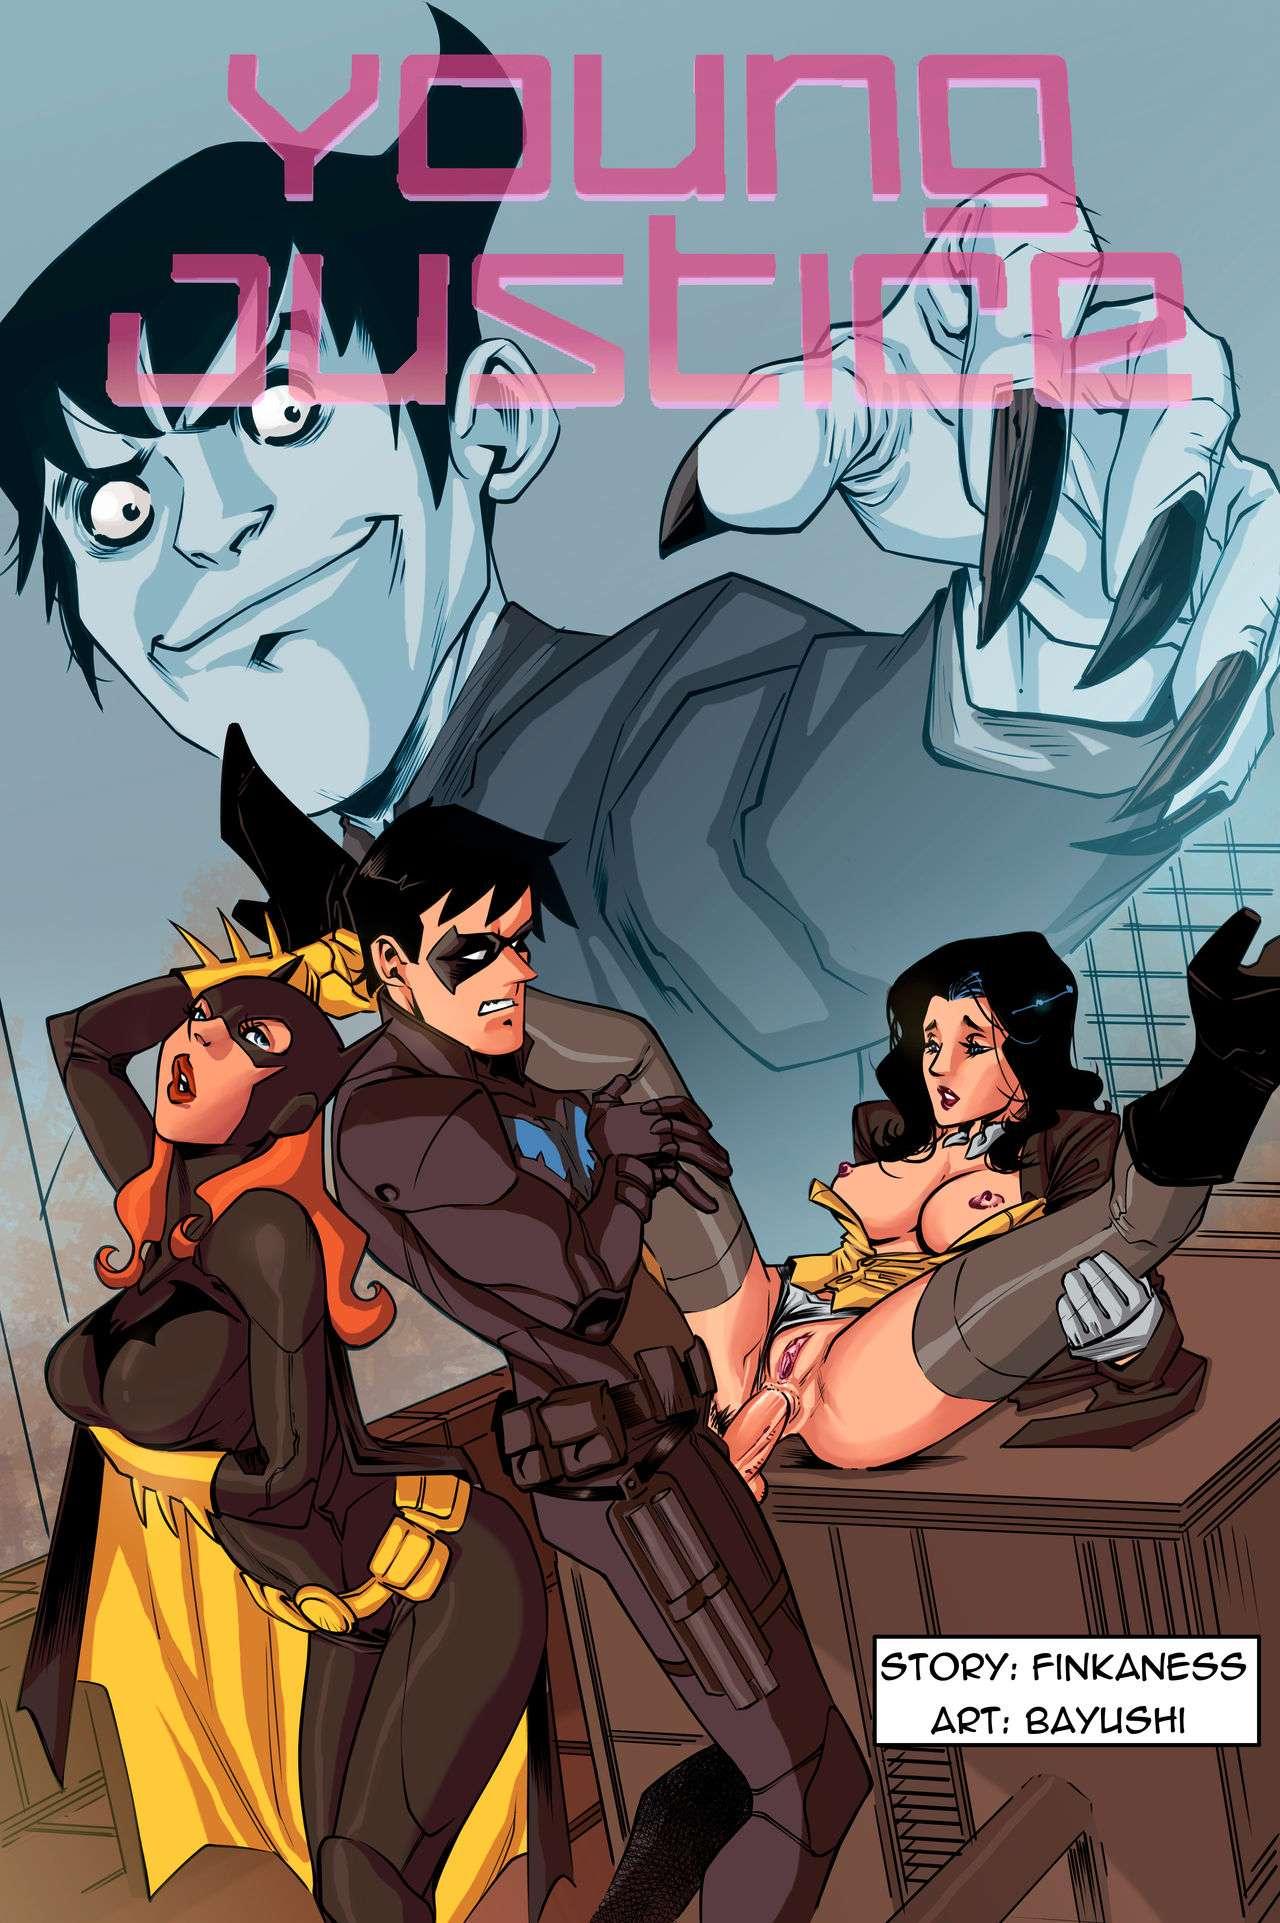 Zatanna-Batgirl-anal-creampie-threesome-cartoon-porn-comic-bayushi (1)